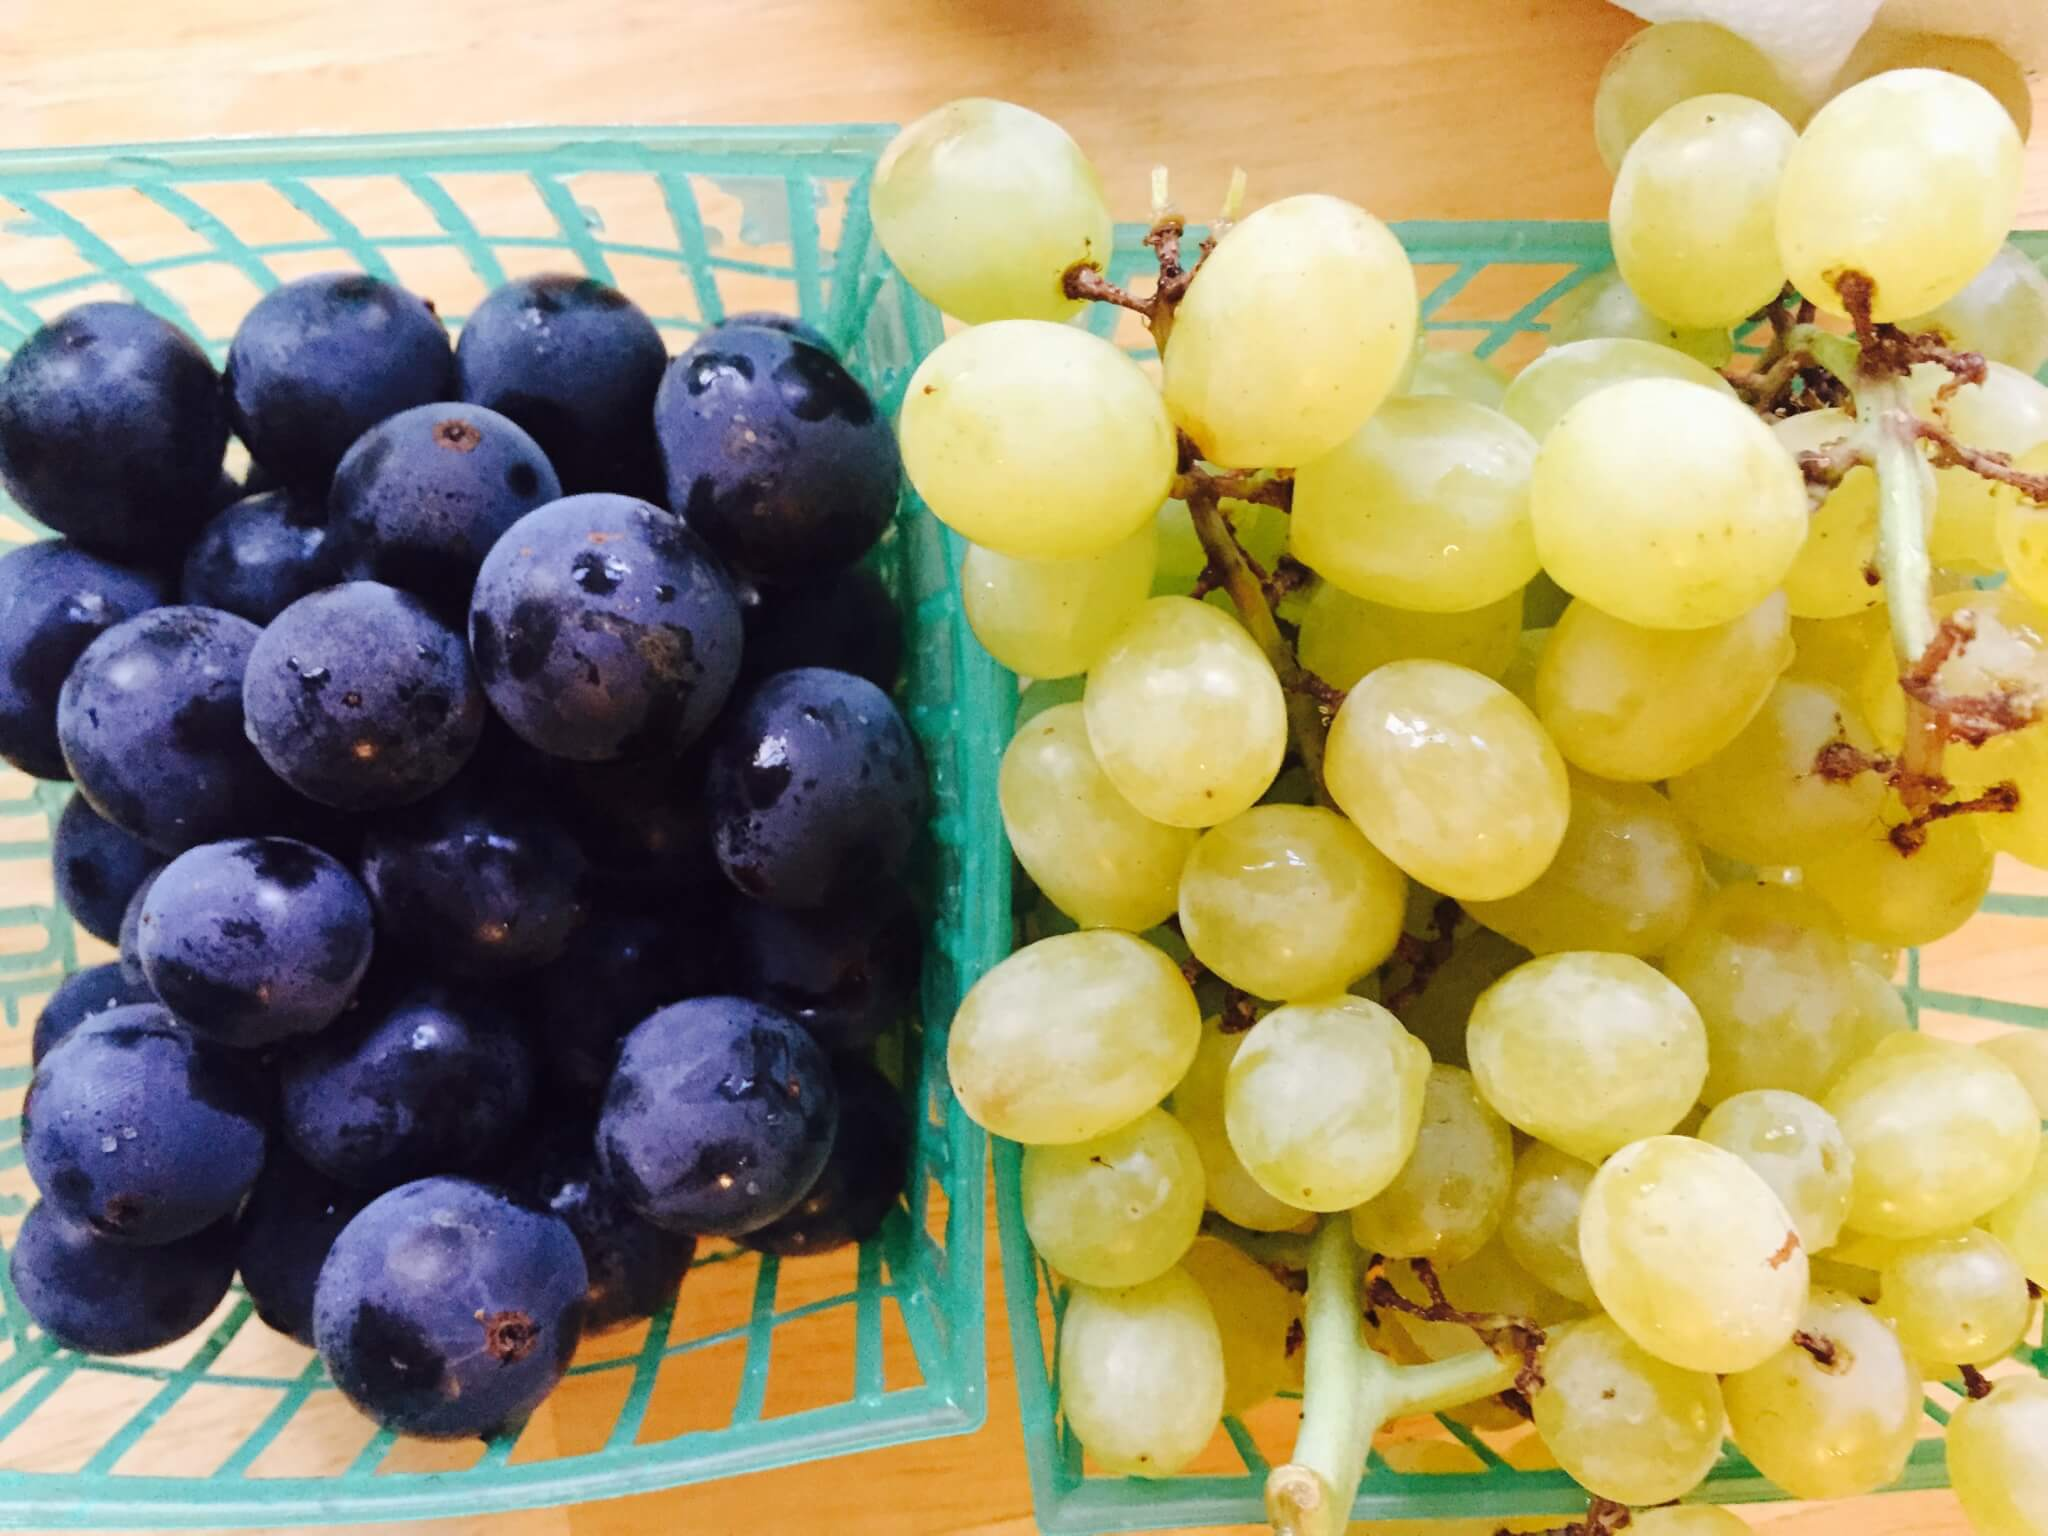 Можно Ли Есть Виноград При Похудении. Поможет ли виноград при похудении можно ли его есть на диете, польза и вред, виды диет